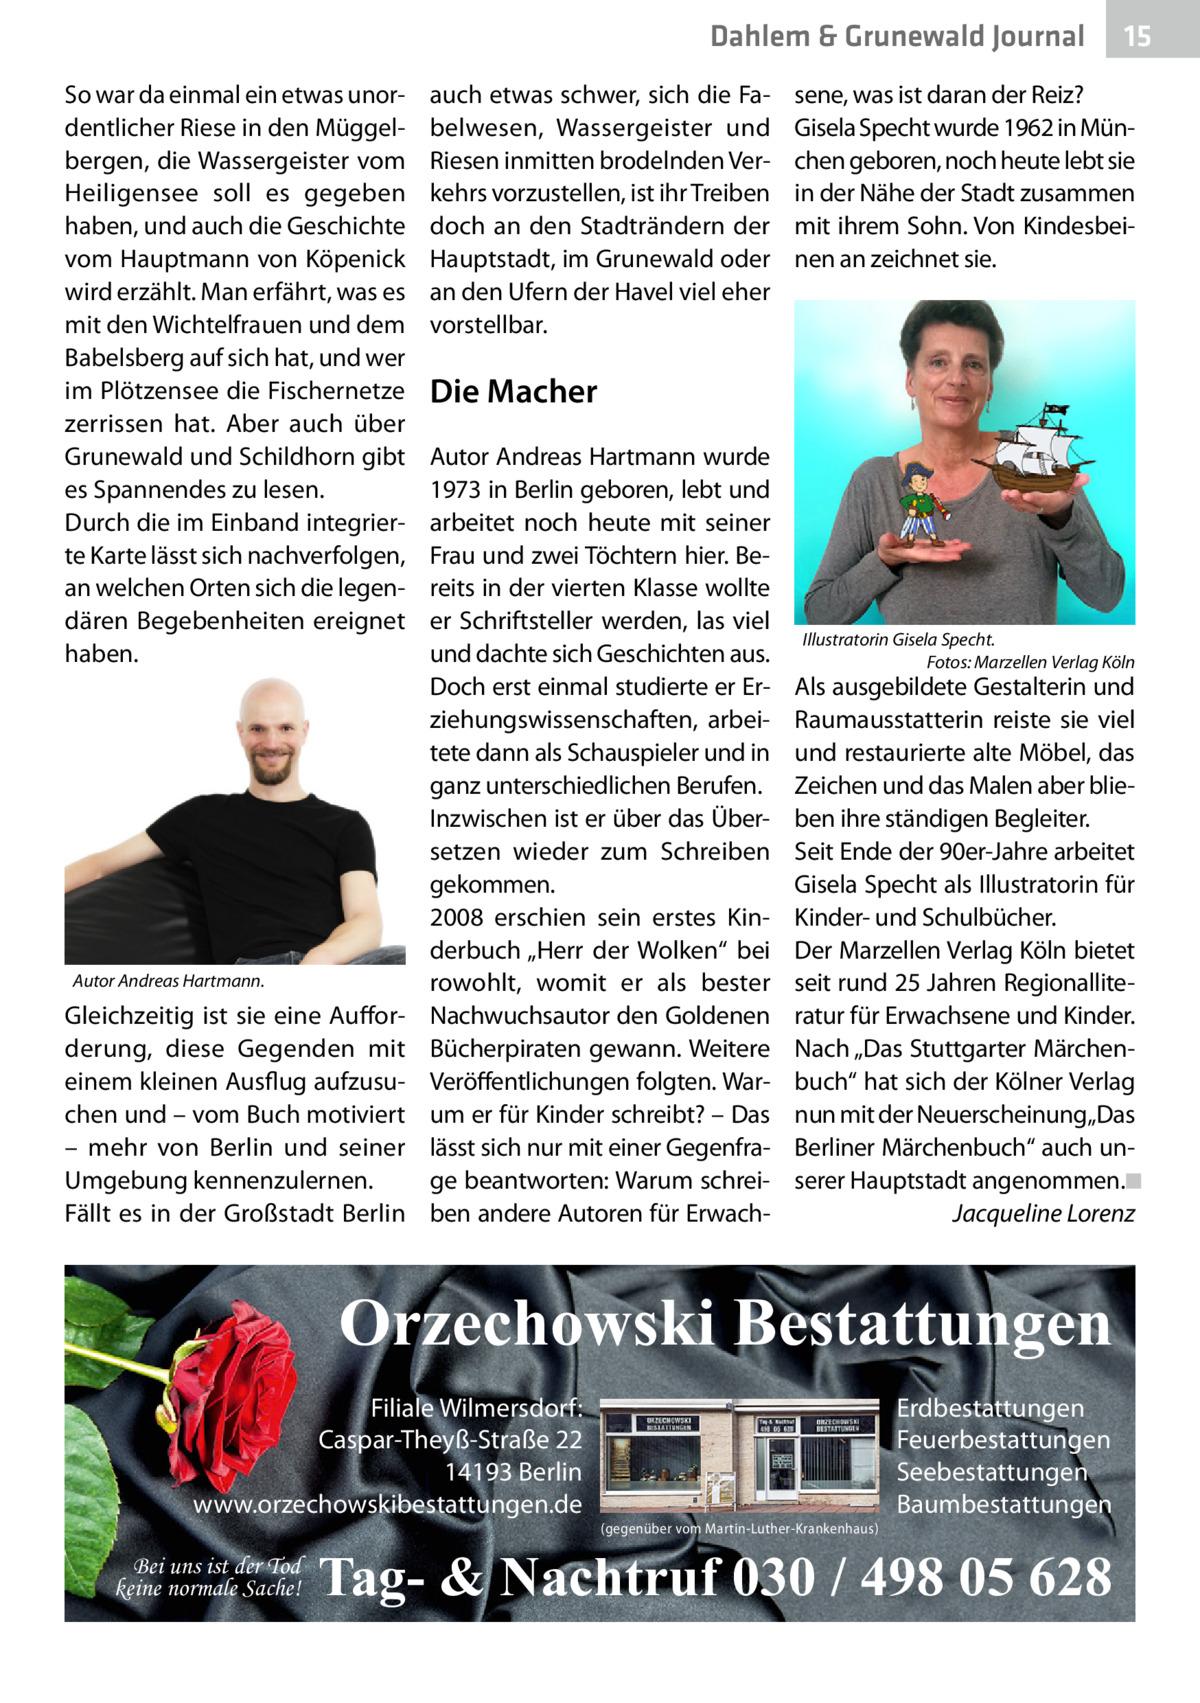 """Dahlem & Grunewald Gesundheit Journal So war da einmal ein etwas unordentlicher Riese in den Müggelbergen, die Wassergeister vom Heiligensee soll es gegeben haben, und auch die Geschichte vom Hauptmann von Köpenick wird erzählt. Man erfährt, was es mit den Wichtelfrauen und dem Babelsberg auf sich hat, und wer im Plötzensee die Fischernetze zerrissen hat. Aber auch über Grunewald und Schildhorn gibt es Spannendes zu lesen. Durch die im Einband integrierte Karte lässt sich nachverfolgen, an welchen Orten sich die legendären Begebenheiten ereignet haben.  Autor Andreas Hartmann.  Gleichzeitig ist sie eine Aufforderung, diese Gegenden mit einem kleinen Ausflug aufzusuchen und – vom Buch motiviert – mehr von Berlin und seiner Umgebung kennenzulernen. Fällt es in der Großstadt Berlin  auch etwas schwer, sich die Fabelwesen, Wassergeister und Riesen inmitten brodelnden Verkehrs vorzustellen, ist ihr Treiben doch an den Stadträndern der Hauptstadt, im Grunewald oder an den Ufern der Havel viel eher vorstellbar.  sene, was ist daran der Reiz? Gisela Specht wurde 1962 in München geboren, noch heute lebt sie in der Nähe der Stadt zusammen mit ihrem Sohn. Von Kindesbeinen an zeichnet sie.  Die Macher Autor Andreas Hartmann wurde 1973 in Berlin geboren, lebt und arbeitet noch heute mit seiner Frau und zwei Töchtern hier. Bereits in der vierten Klasse wollte er Schriftsteller werden, las viel und dachte sich Geschichten aus. Doch erst einmal studierte er Erziehungswissenschaften, arbeitete dann als Schauspieler und in ganz unterschiedlichen Berufen. Inzwischen ist er über das Übersetzen wieder zum Schreiben gekommen. 2008 erschien sein erstes Kinderbuch """"Herr der Wolken"""" bei rowohlt, womit er als bester Nachwuchsautor den Goldenen Bücherpiraten gewann. Weitere Veröffentlichungen folgten. Warum er für Kinder schreibt? – Das lässt sich nur mit einer Gegenfrage beantworten: Warum schreiben andere Autoren für Erwach Illustratorin Gisela Specht. � Fotos: Marzellen Verlag Köln  Als au"""